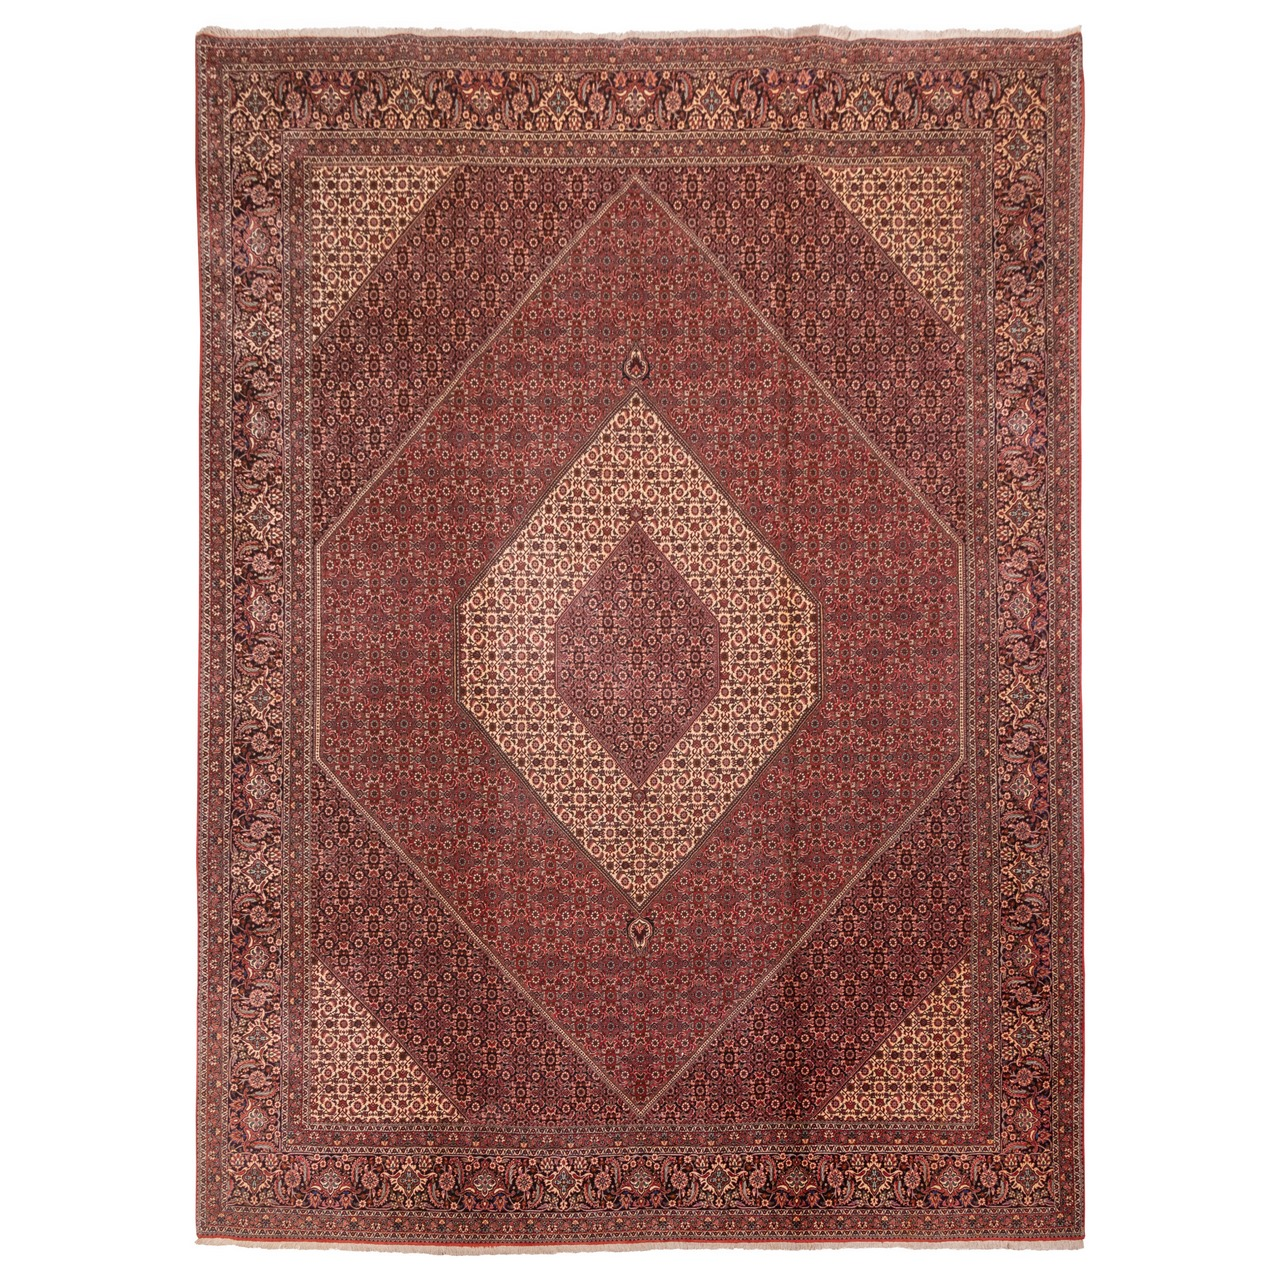 فرش دستباف دوازده متری سی پرشیا کد 187118